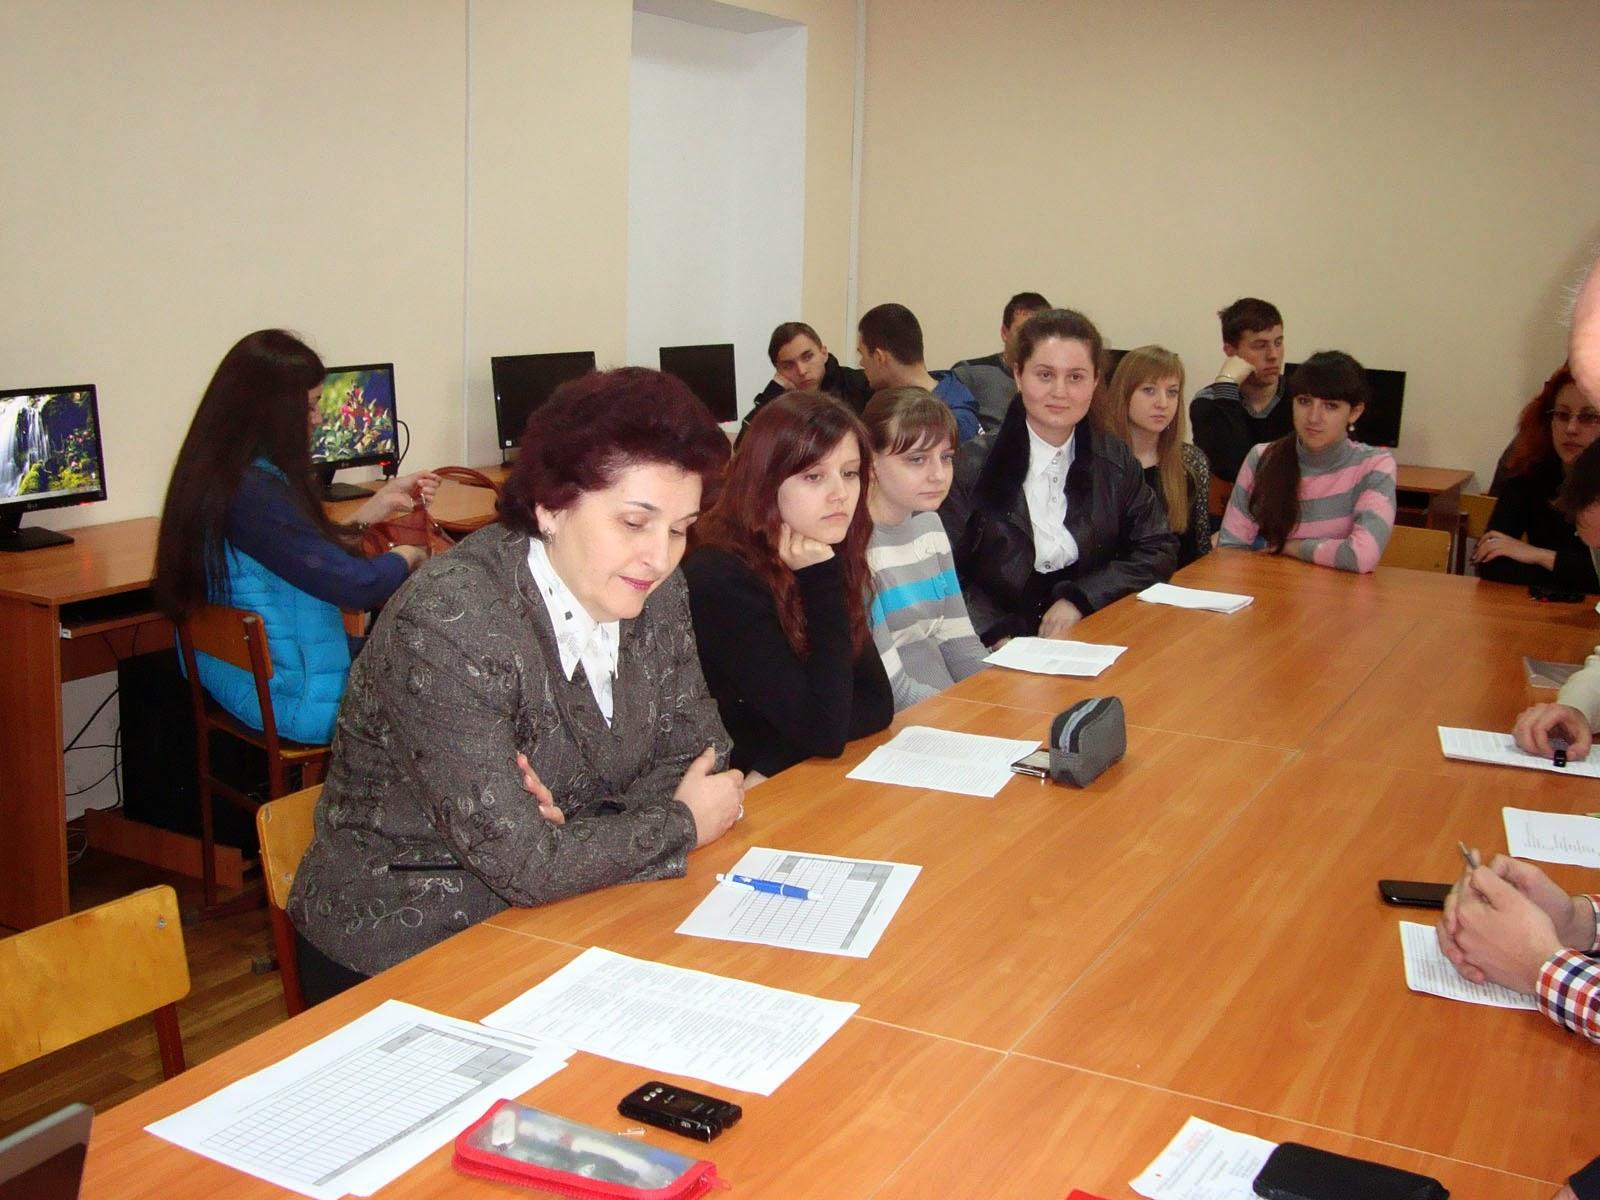 Секція «Сучасні комп'ютерні технології в економіці й освіті» 26-ї студентської науково-теоретичної конференції.